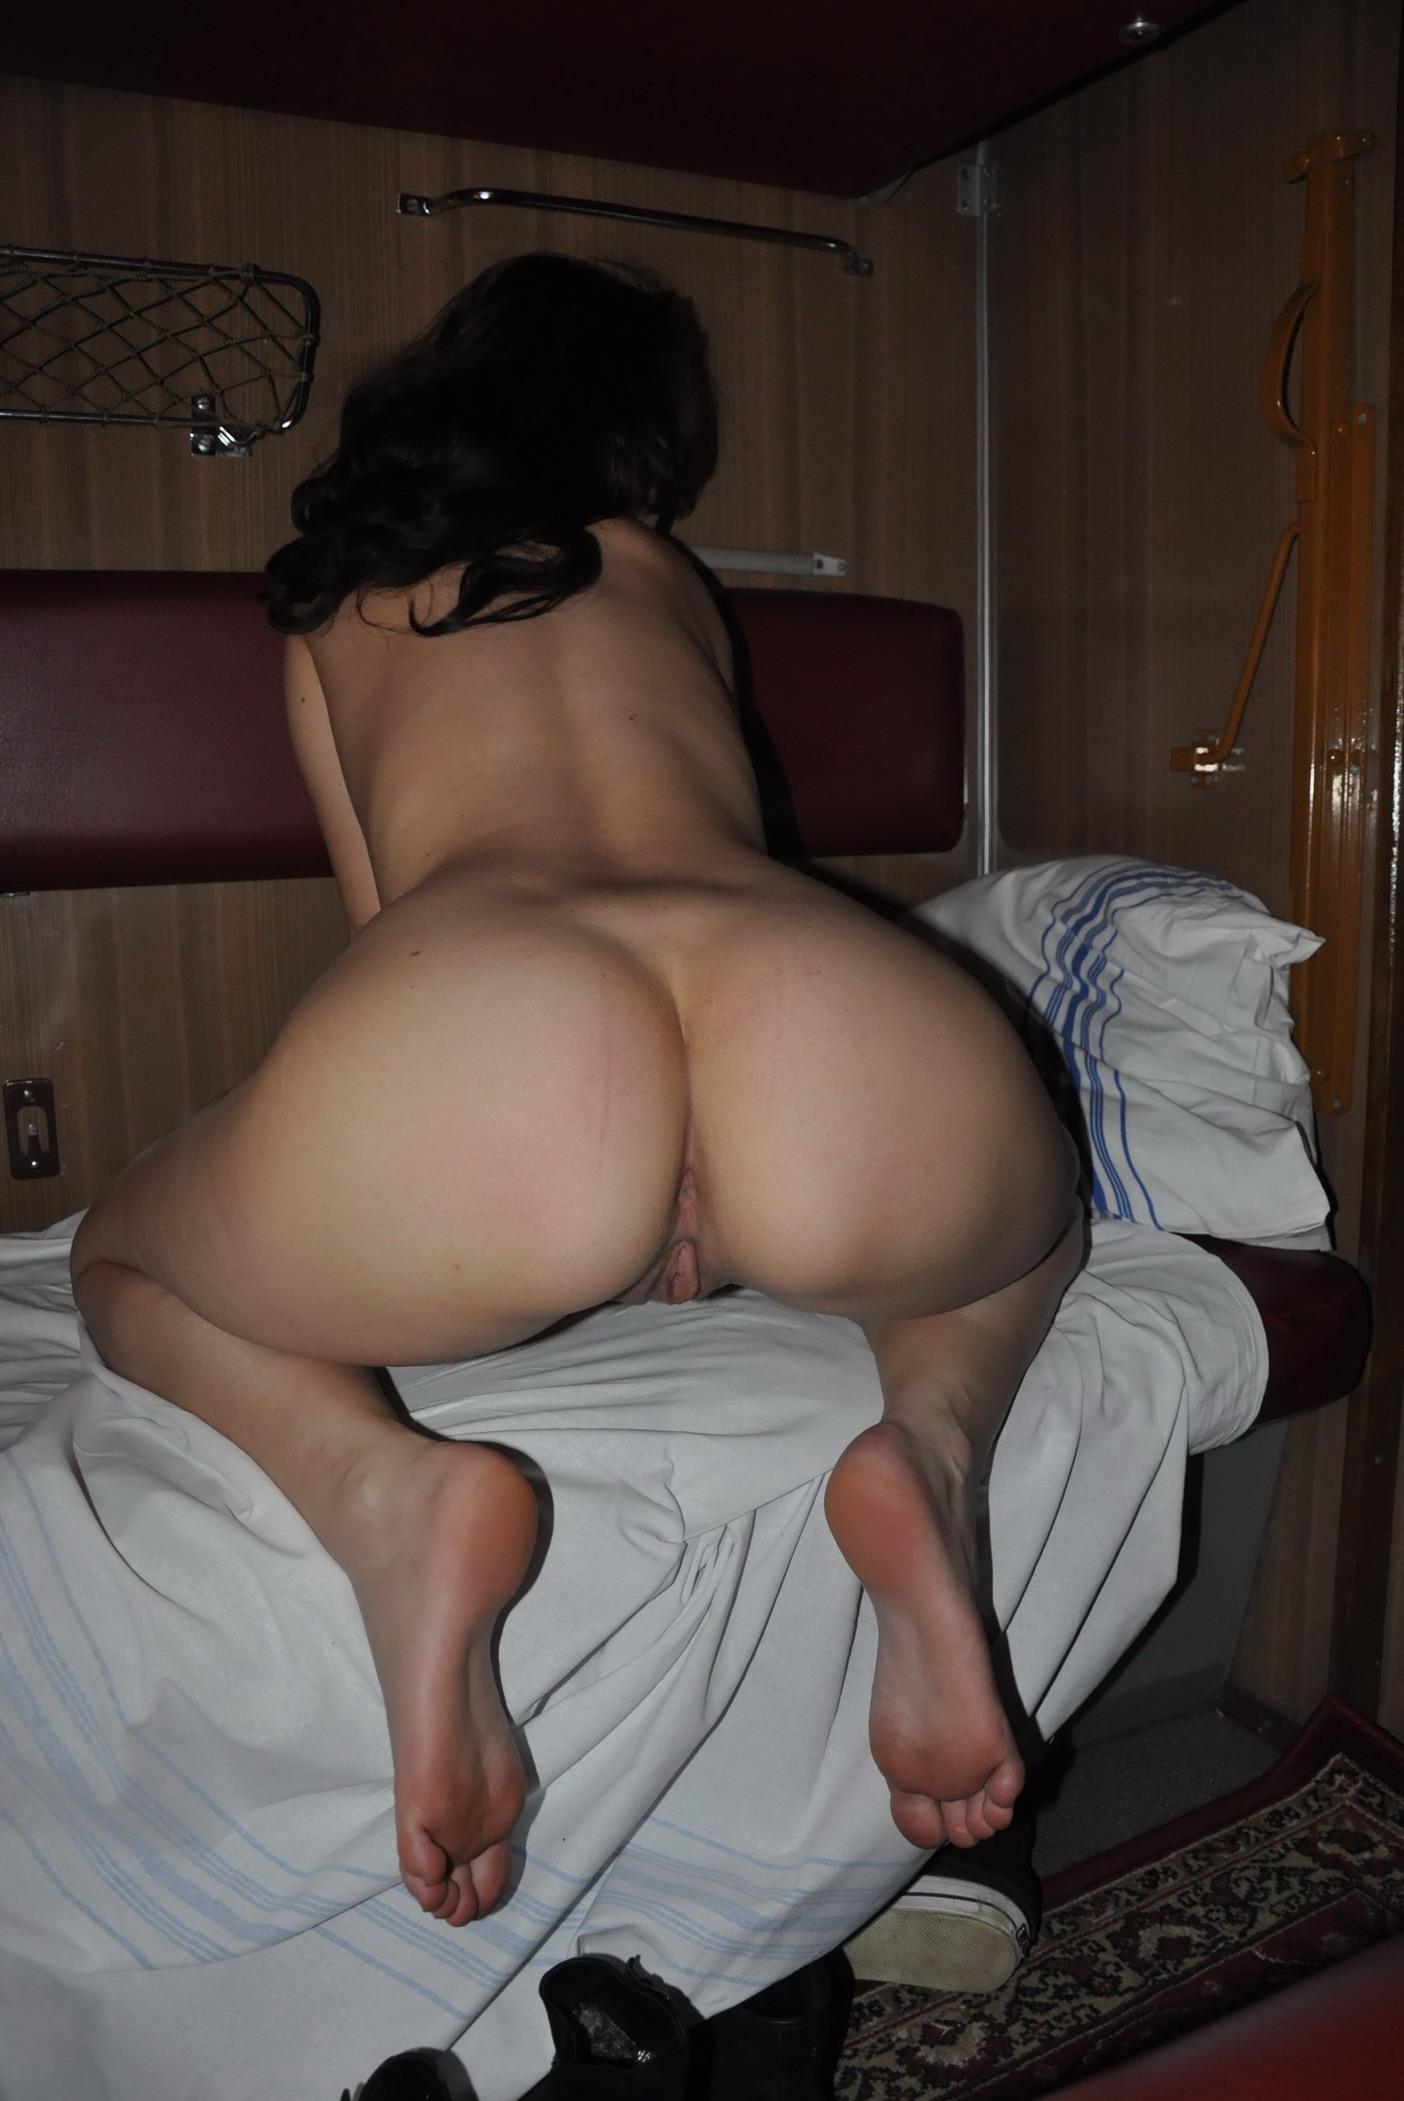 Смотреть секс зрелых женьшин в купе поездов 4 фотография